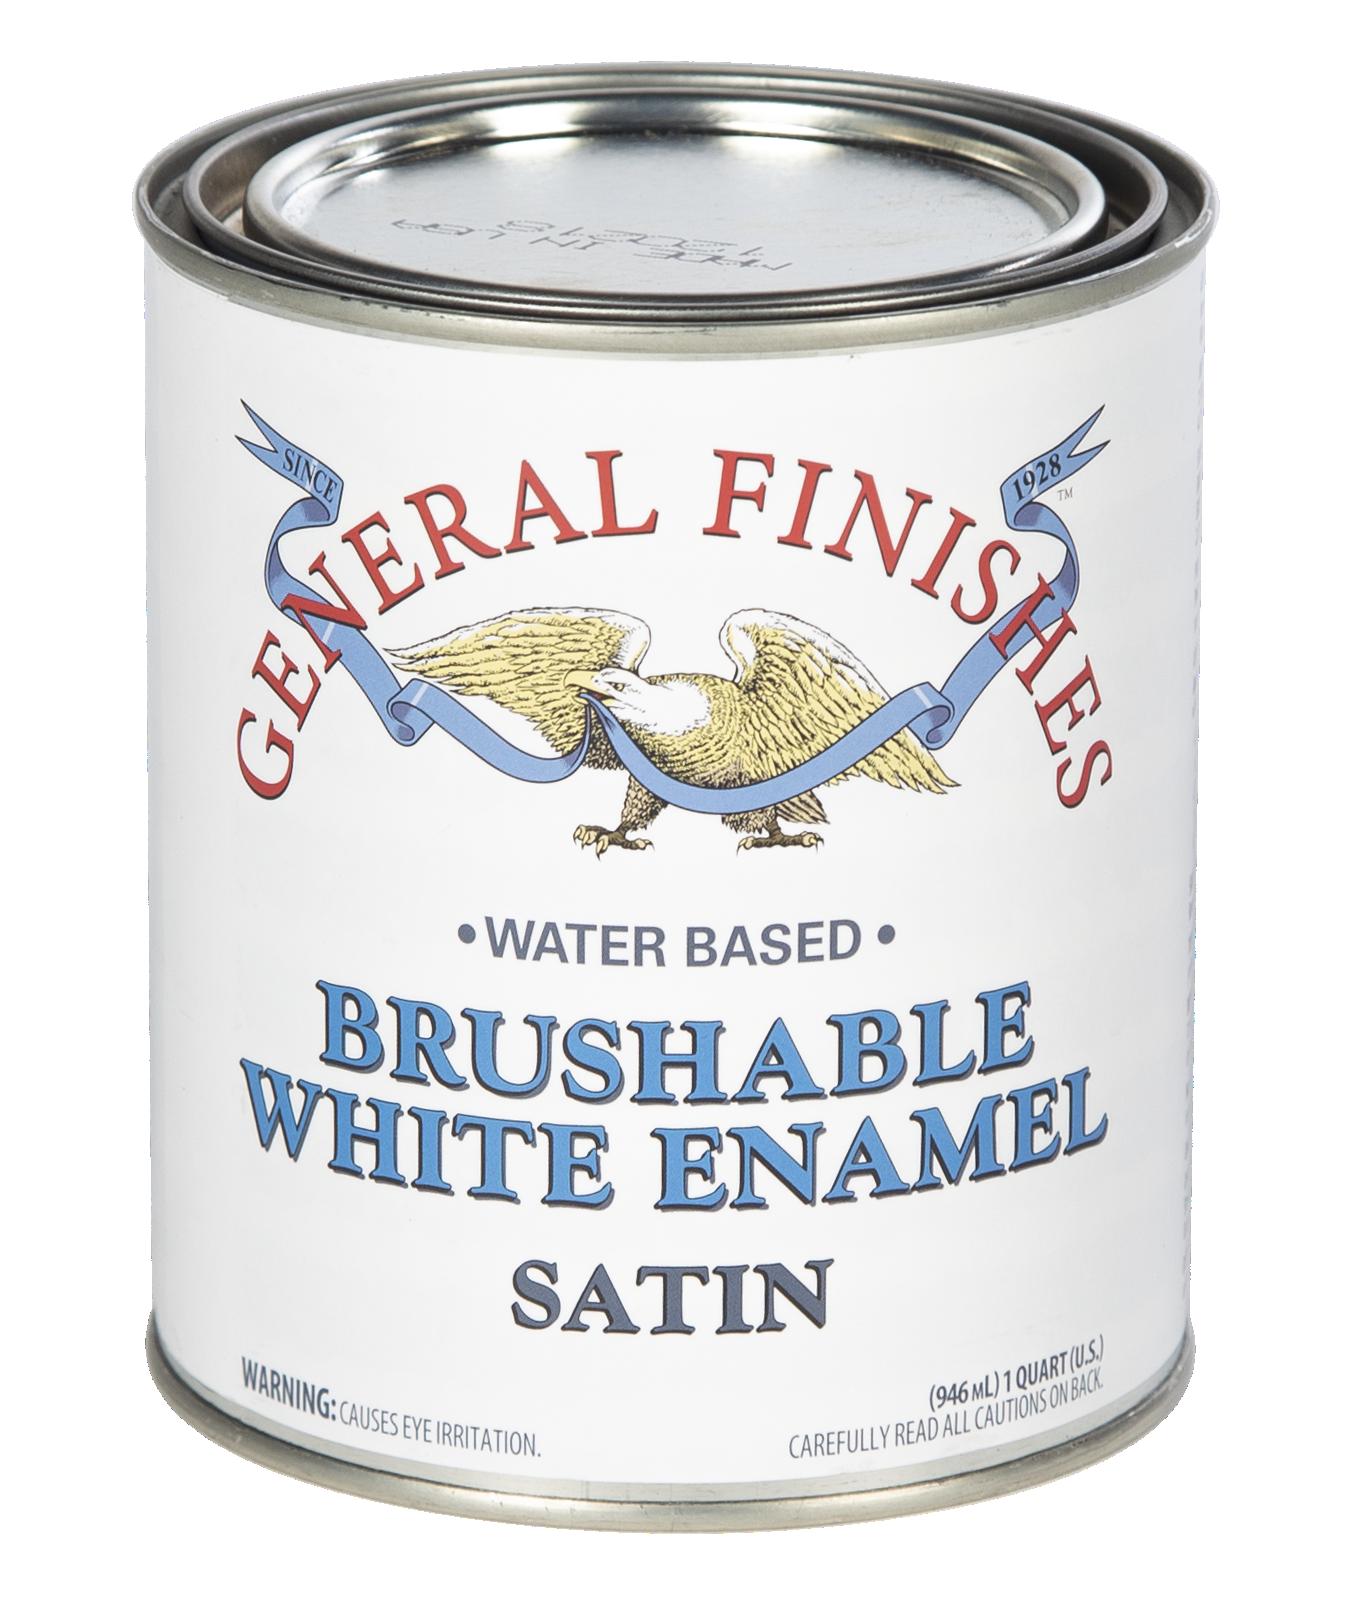 BRUSHABLE WHITE ENAMEL